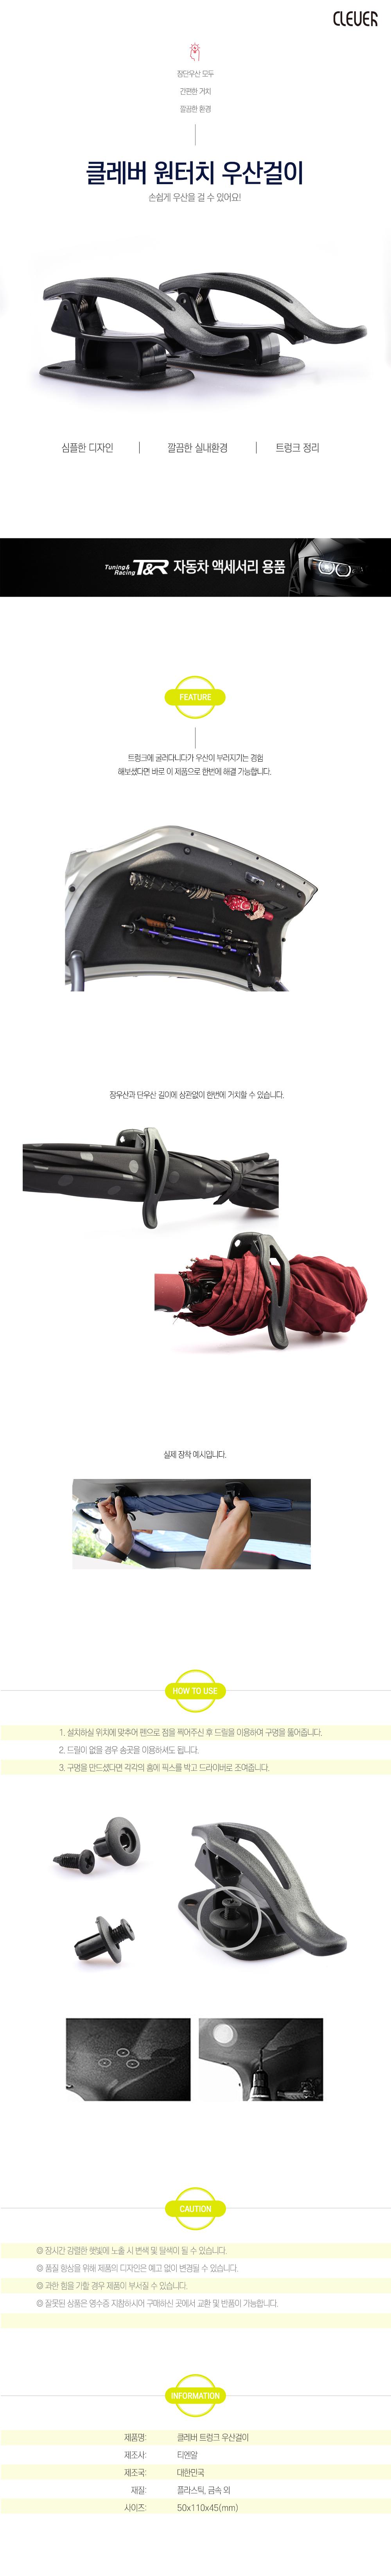 124. 클레버 원터치 우산걸이.png